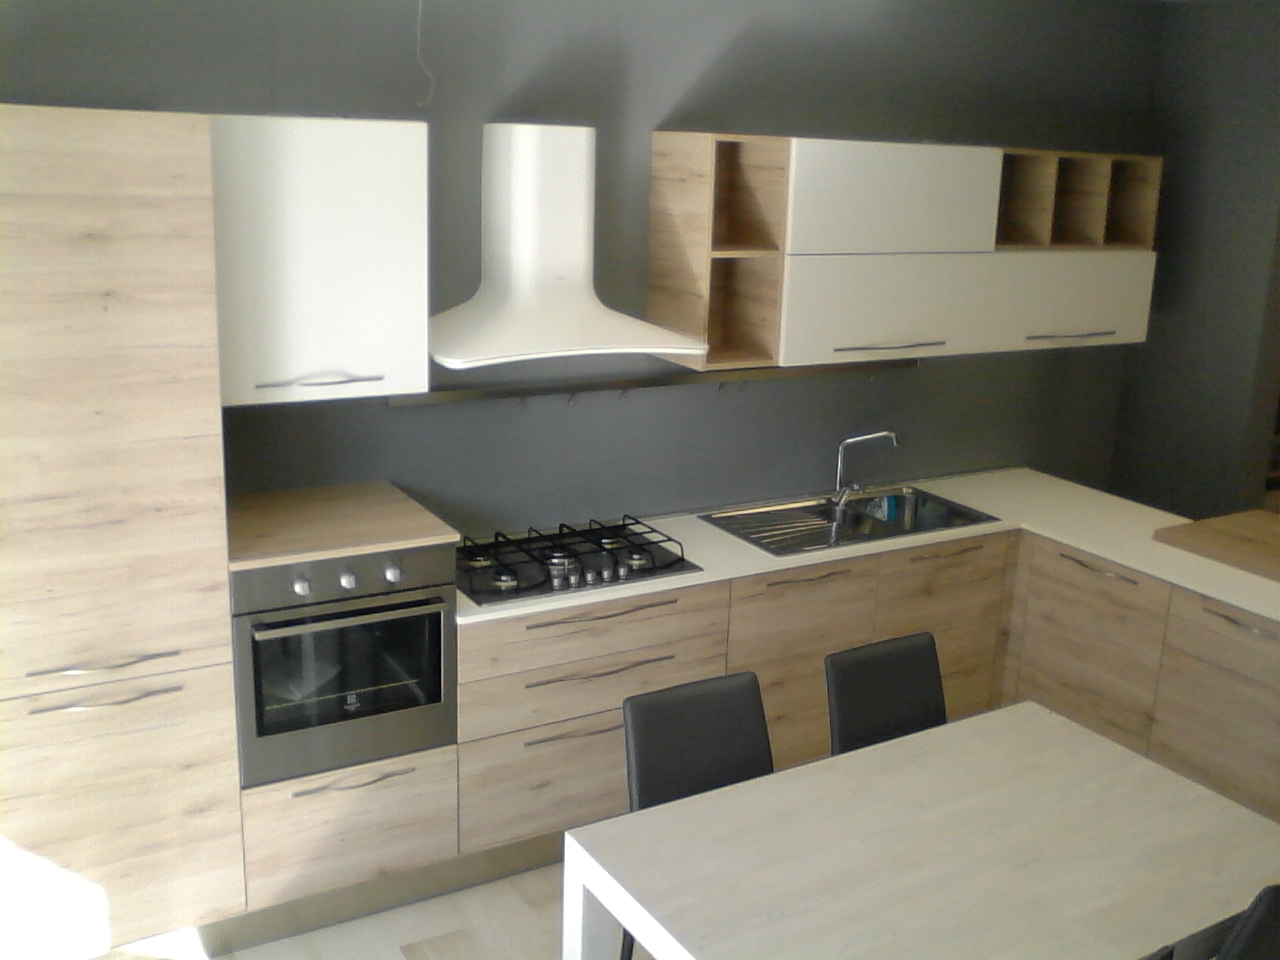 Cucina gicinque cucine oslo rovere scandinavo e bianco - Cucina componibile prezzi ...